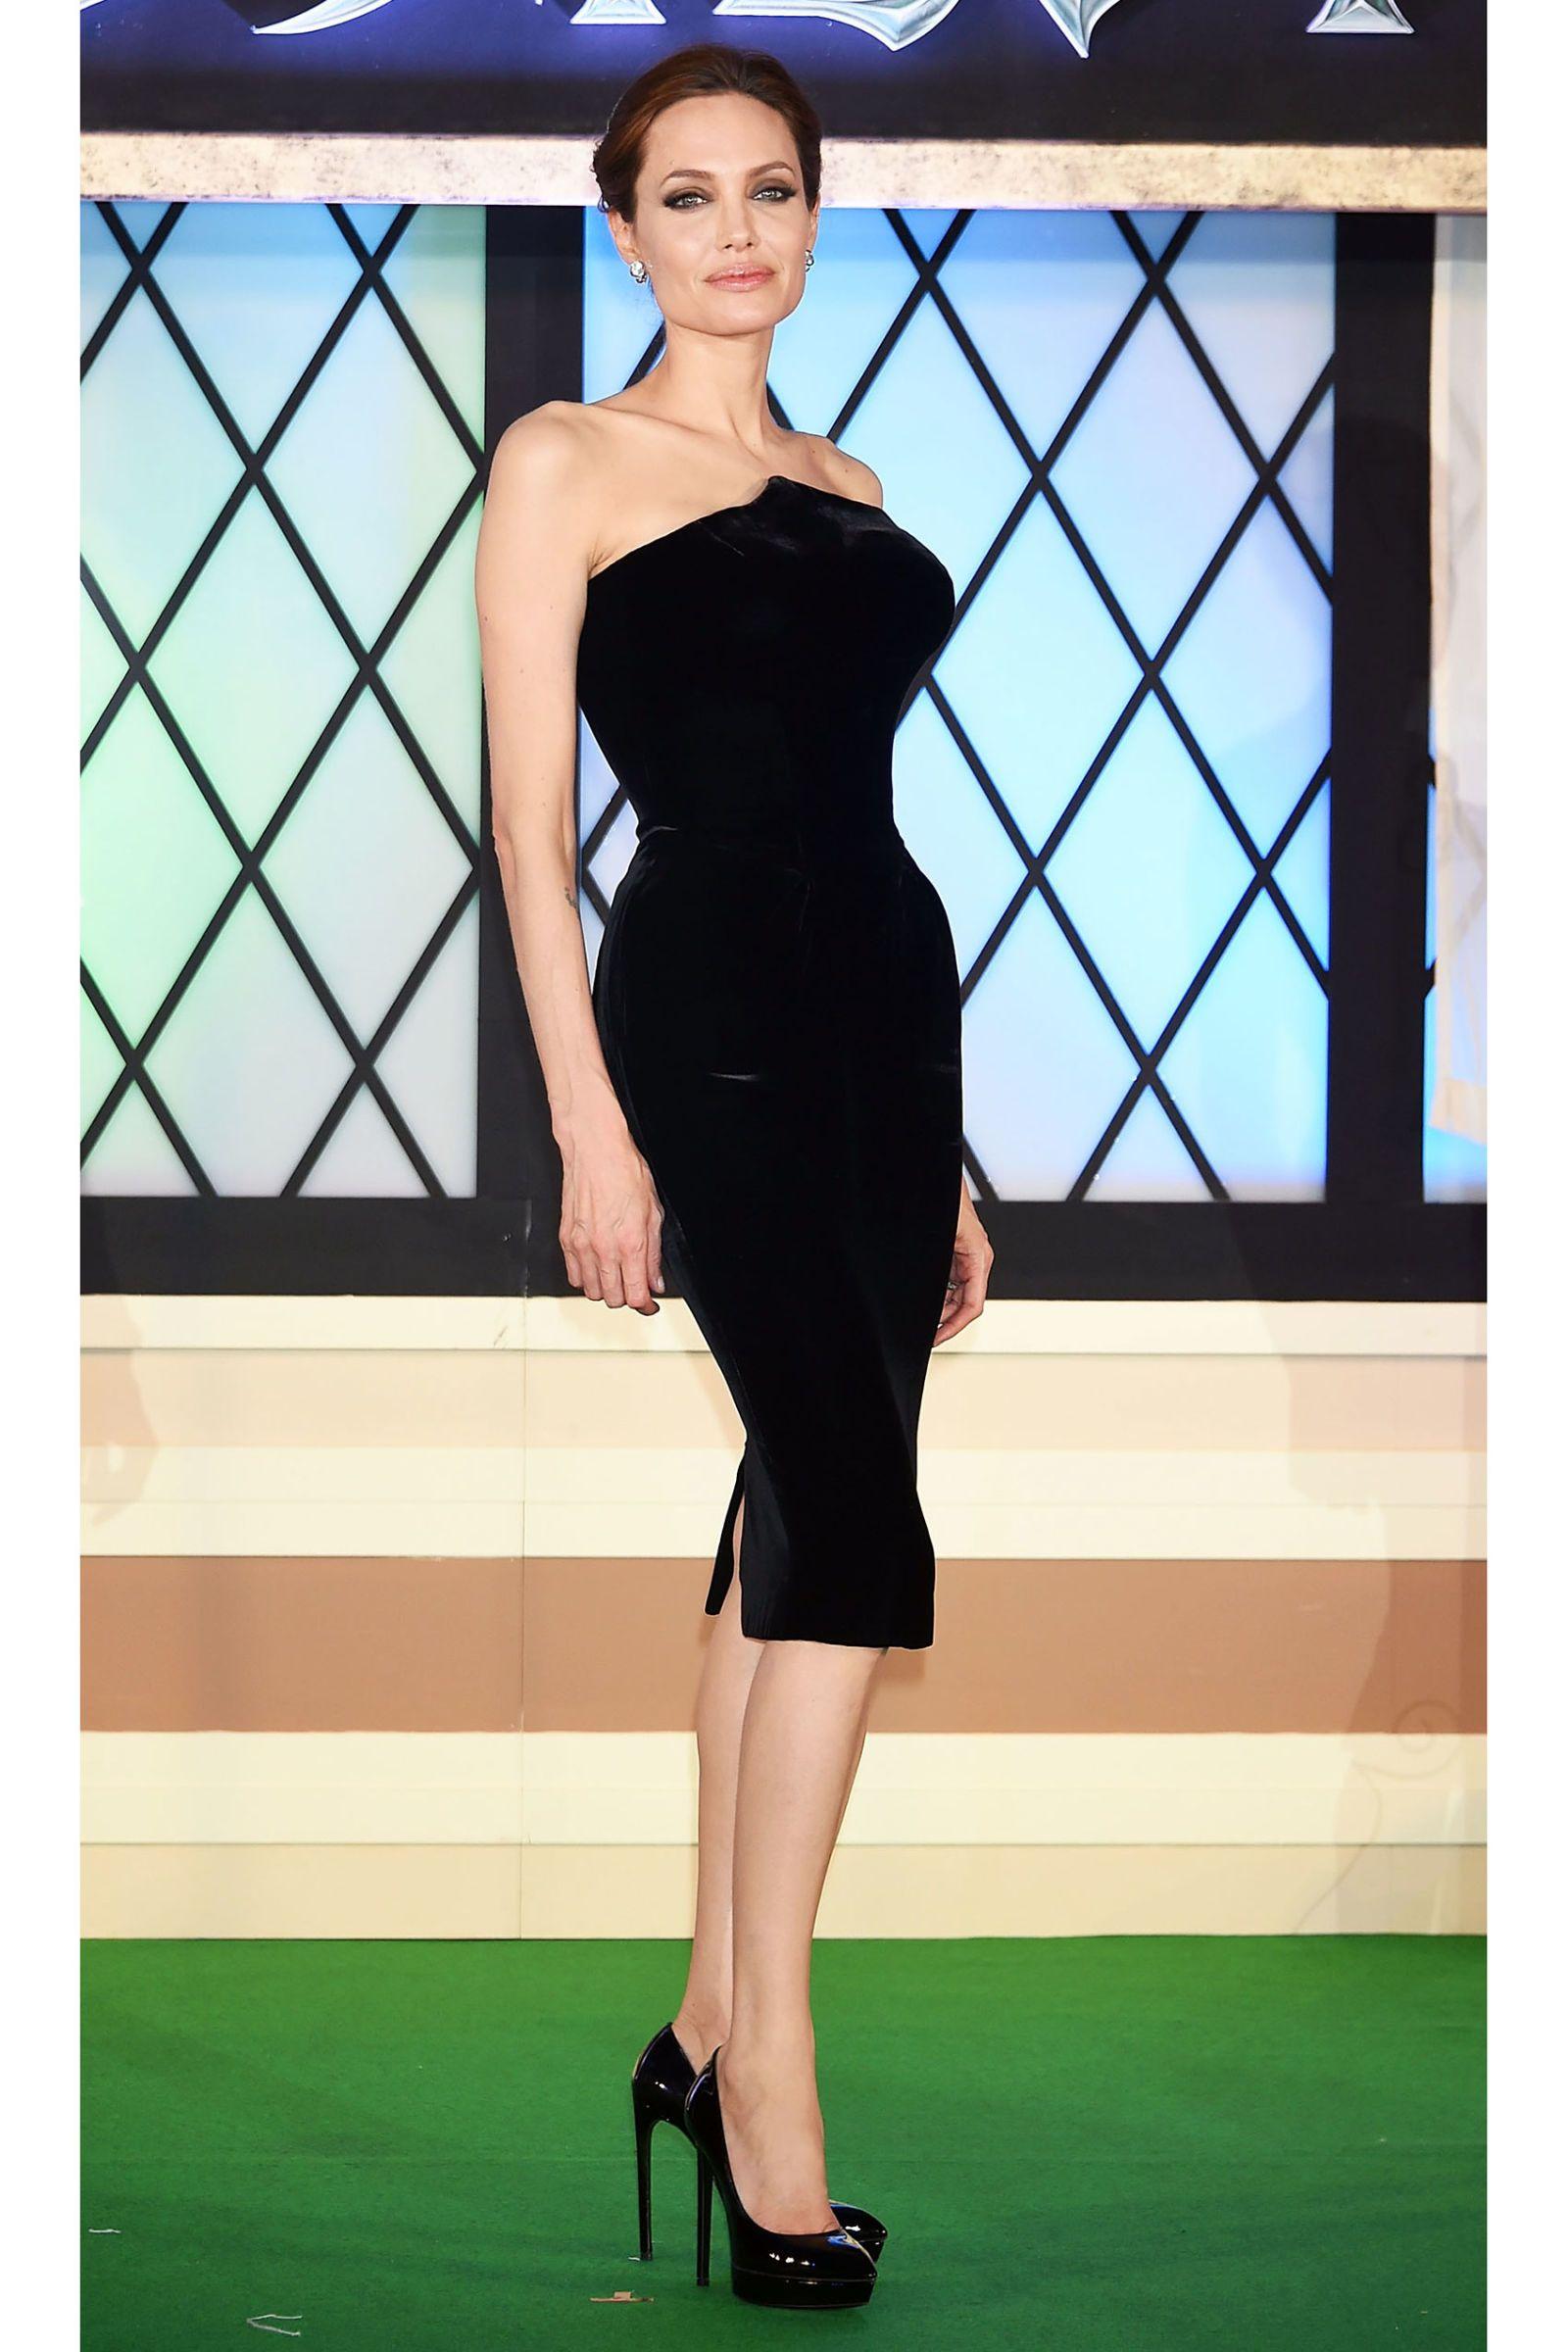 Thelist Best Dressed Celebrities Week Of June 26th Derek Blasberg Jolie Clothing Georgia Mini Dress List